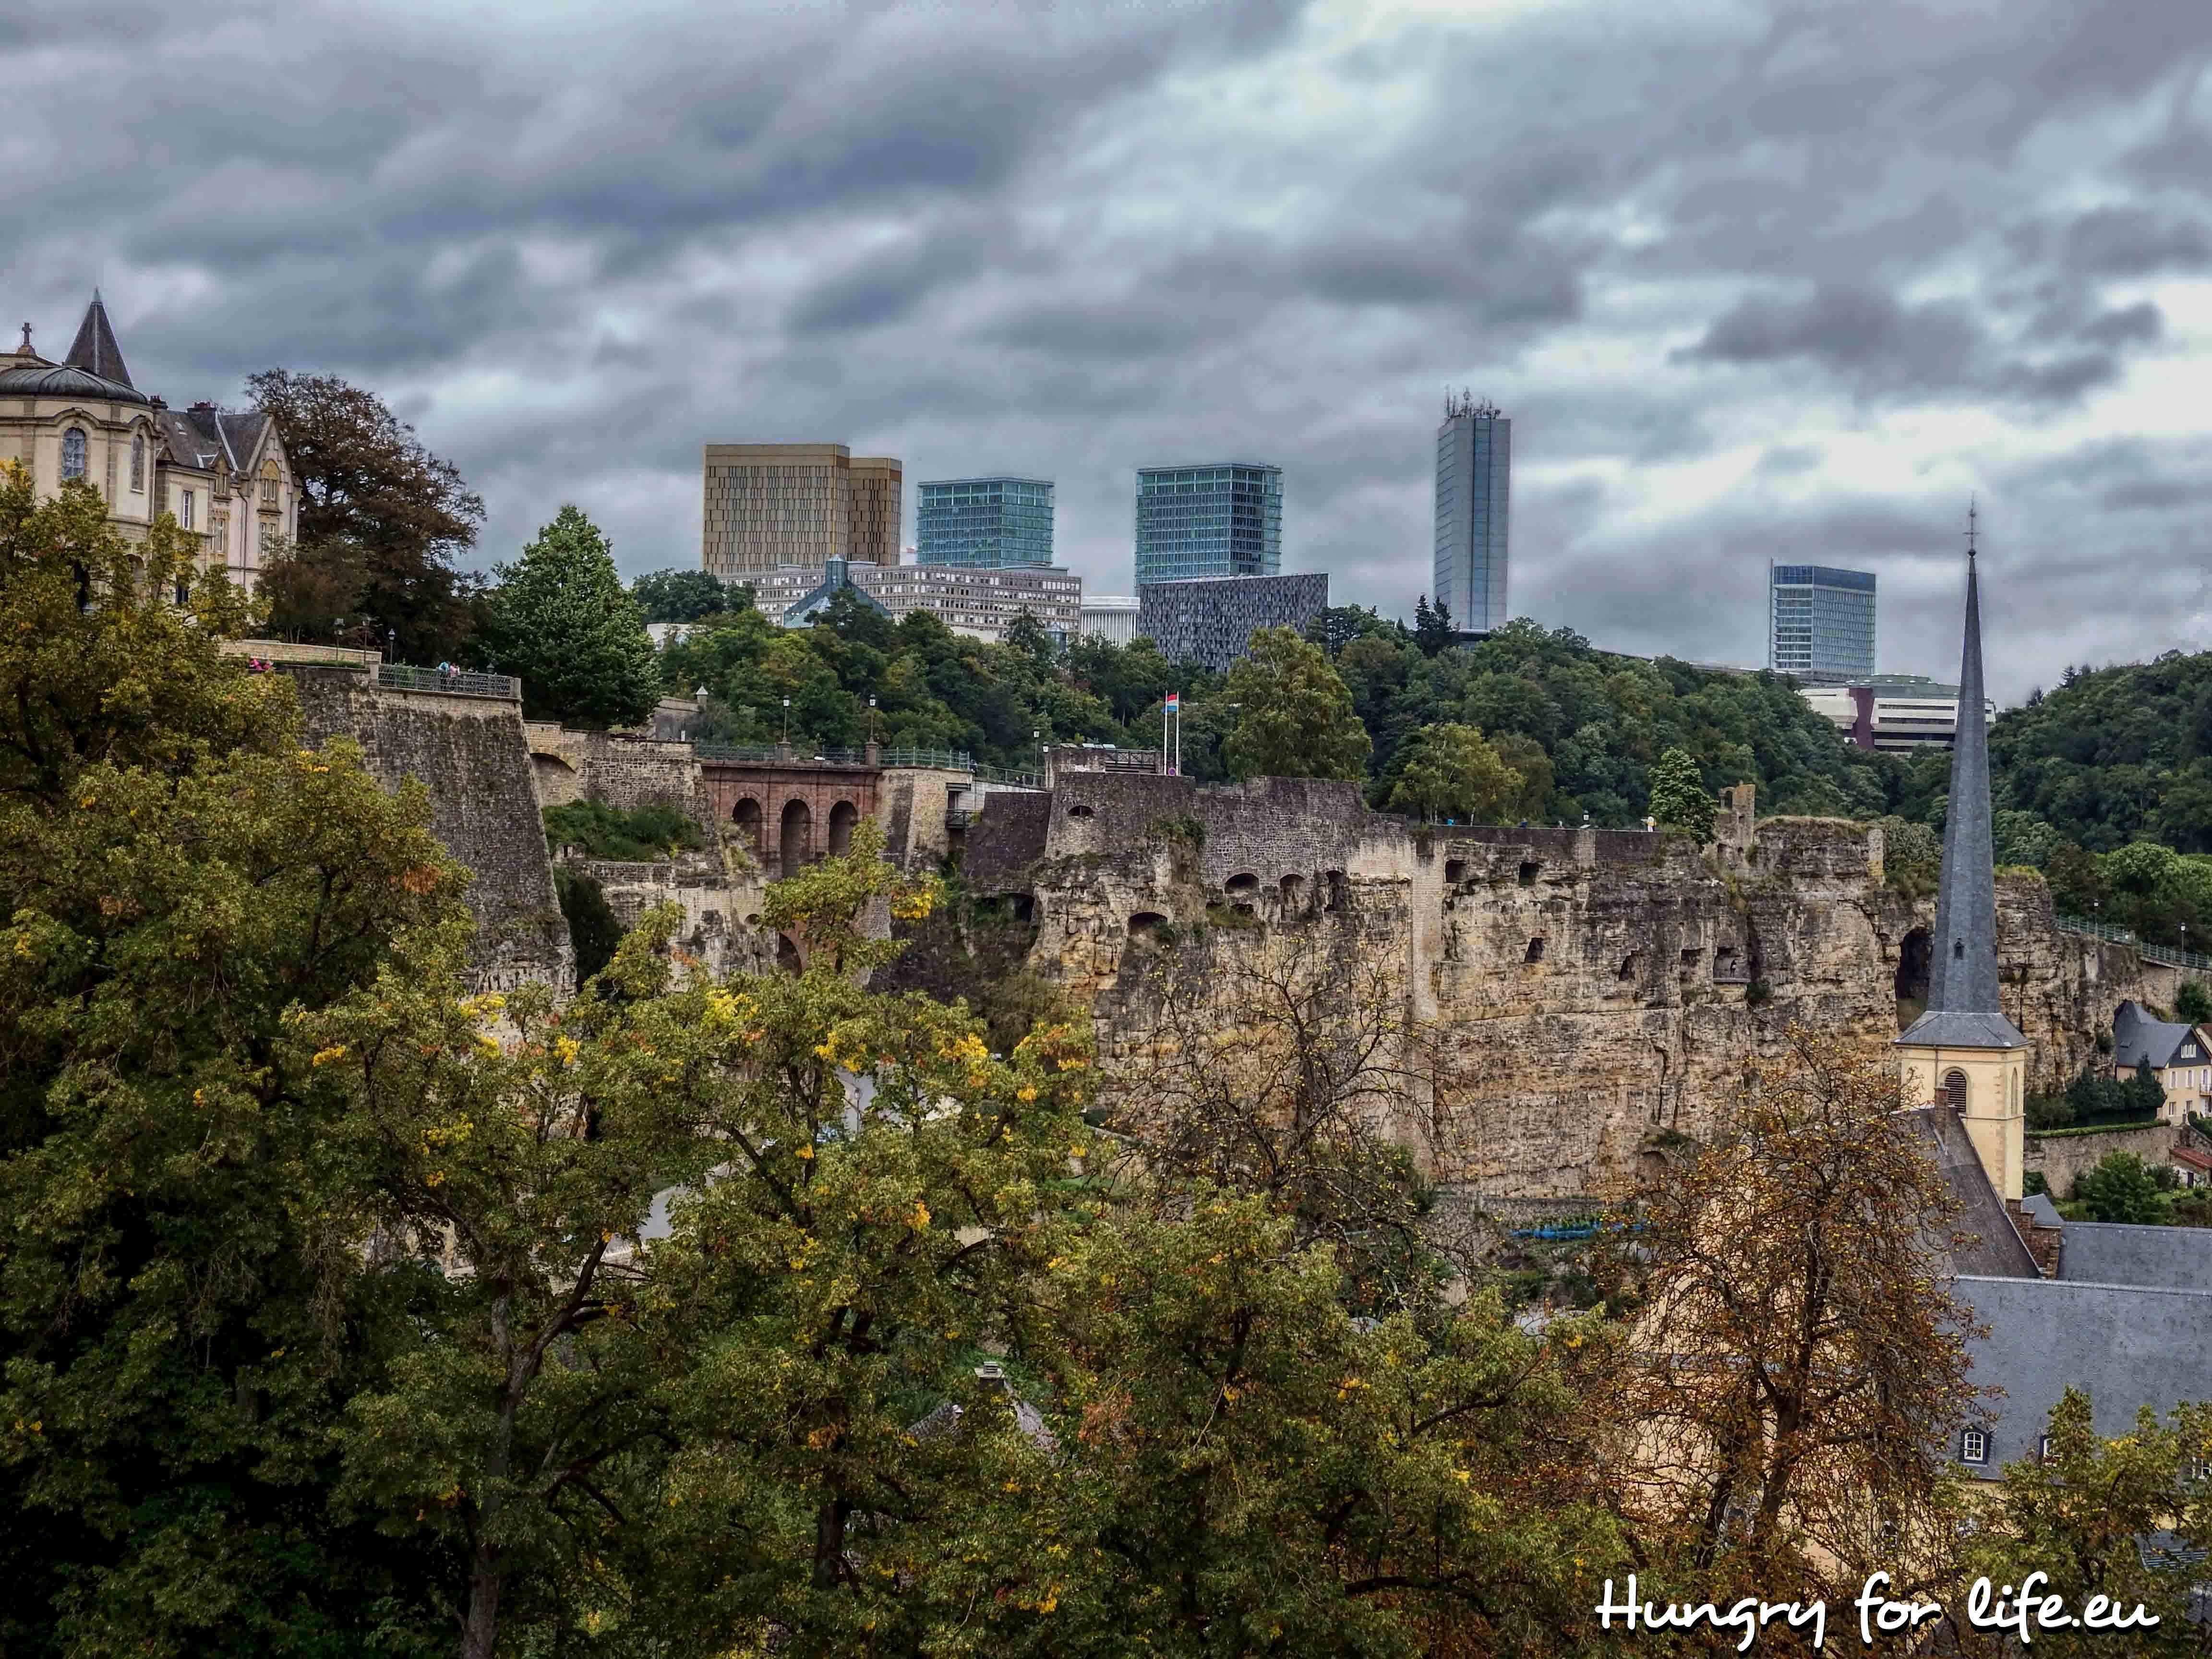 День рождения в Люксембурге. День 1 Путешествия